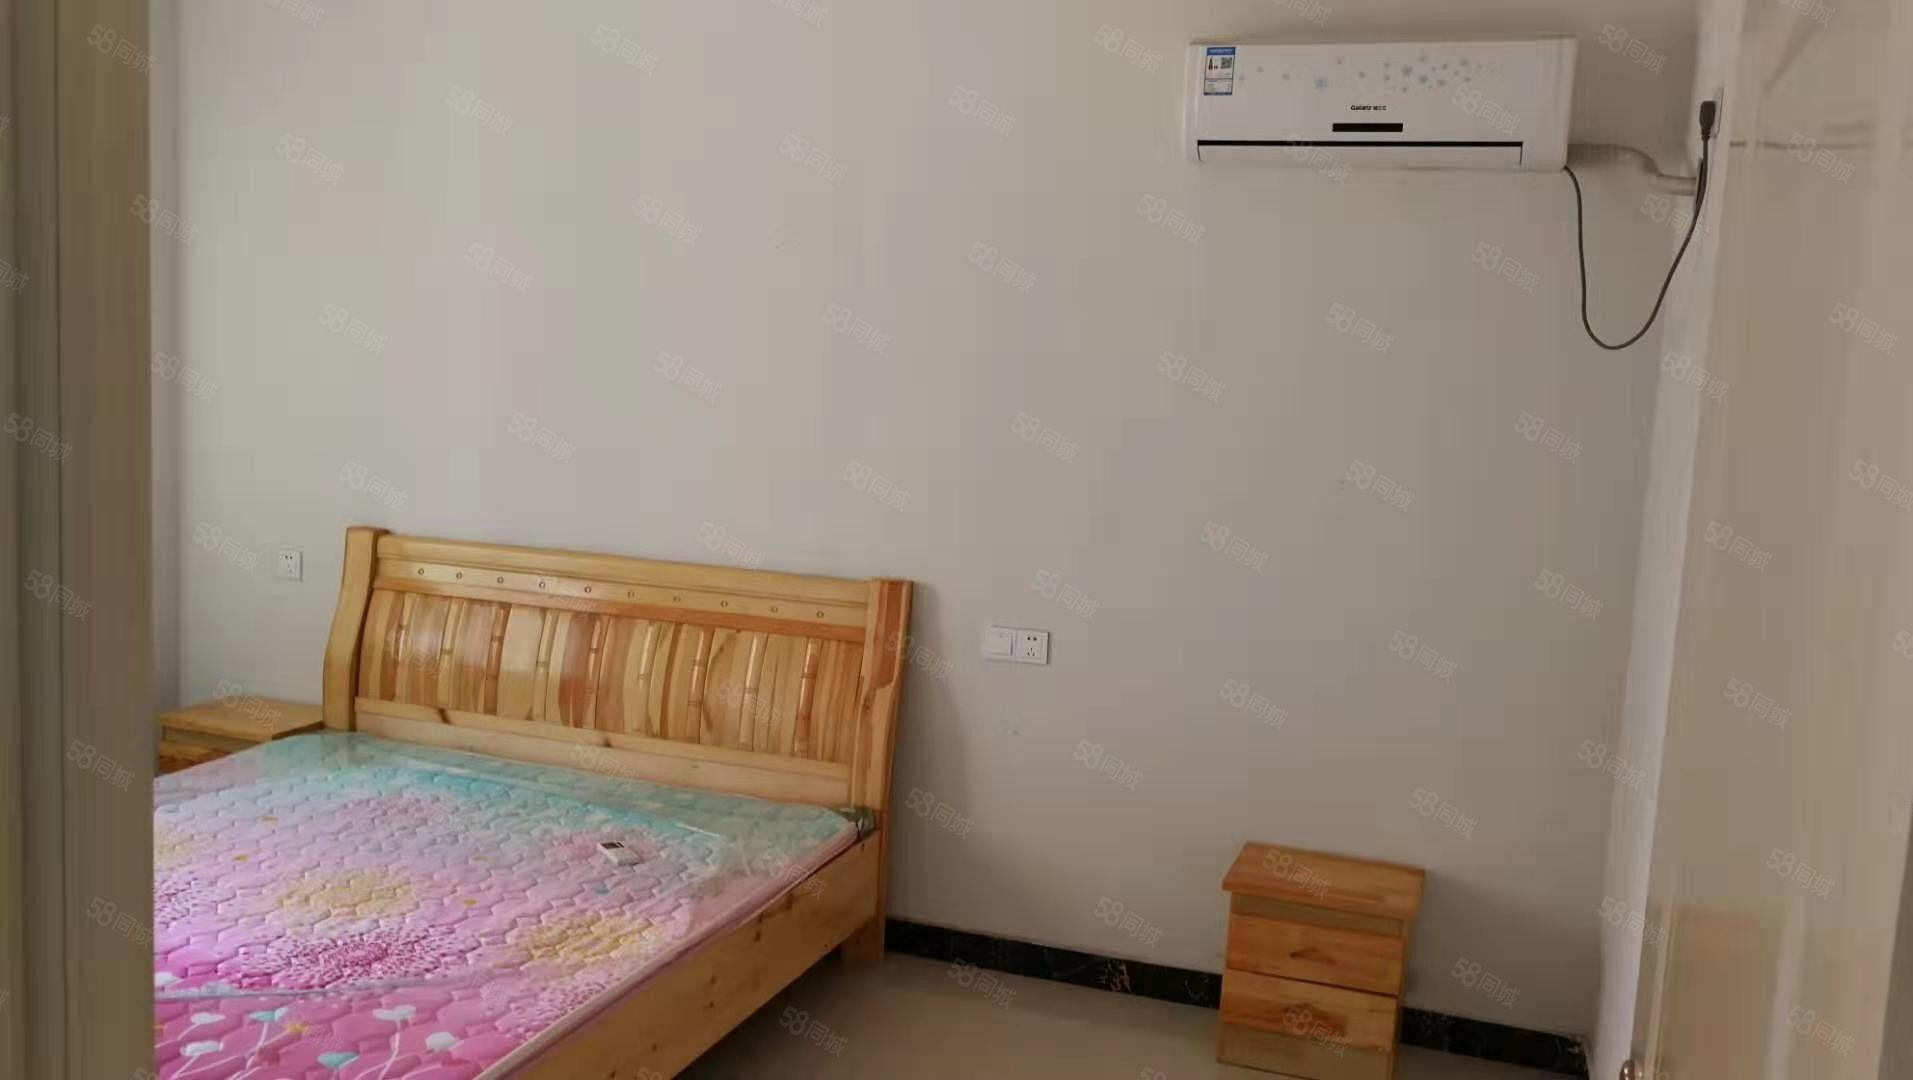 六里三期一室一廳拎包入住需要聯系